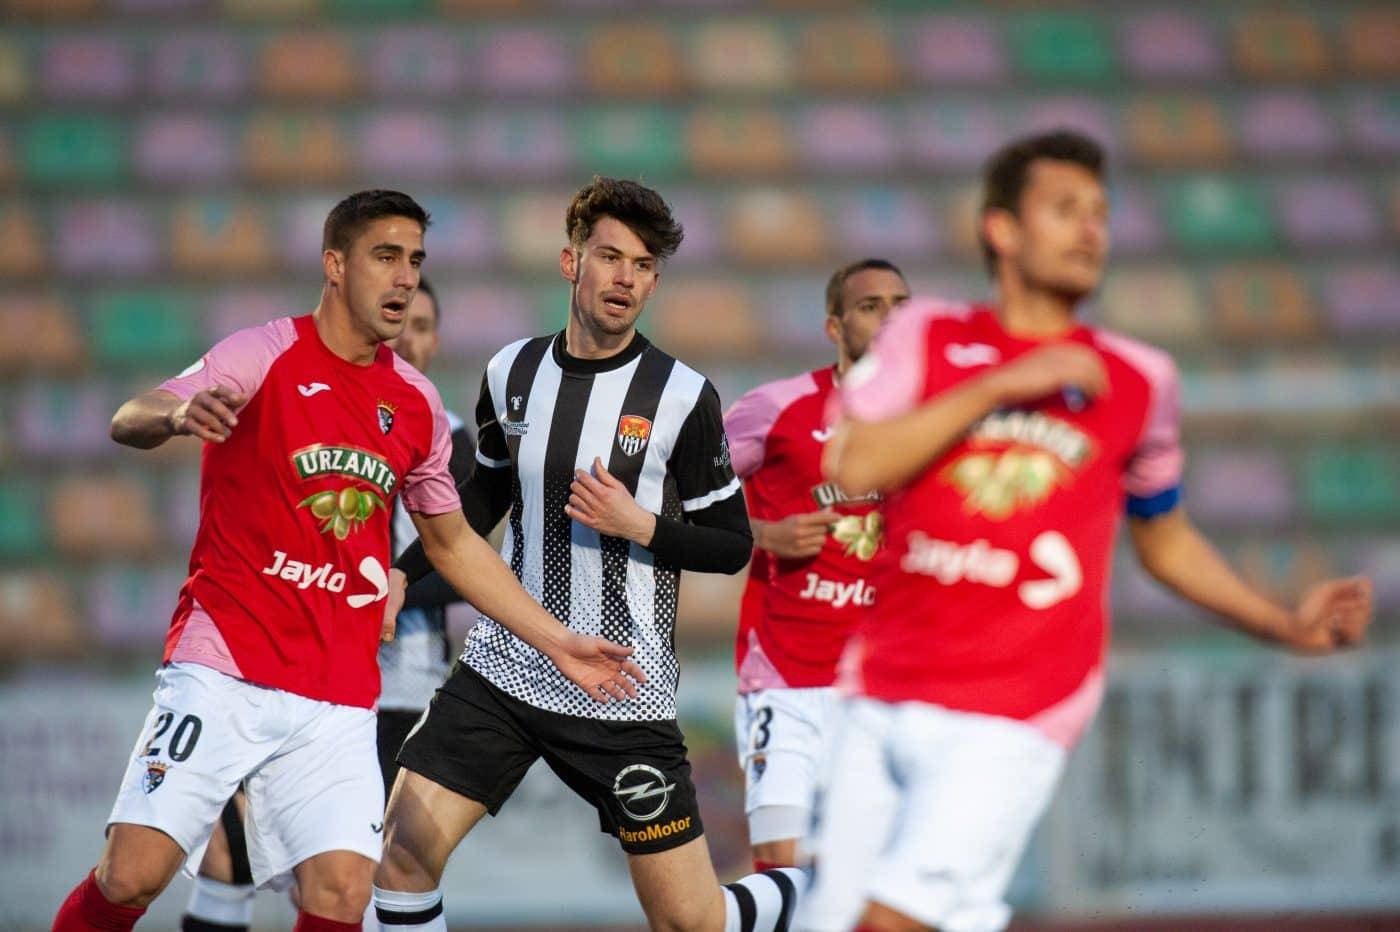 El Tudelano golea a un Haro sin gol en El Mazo 4